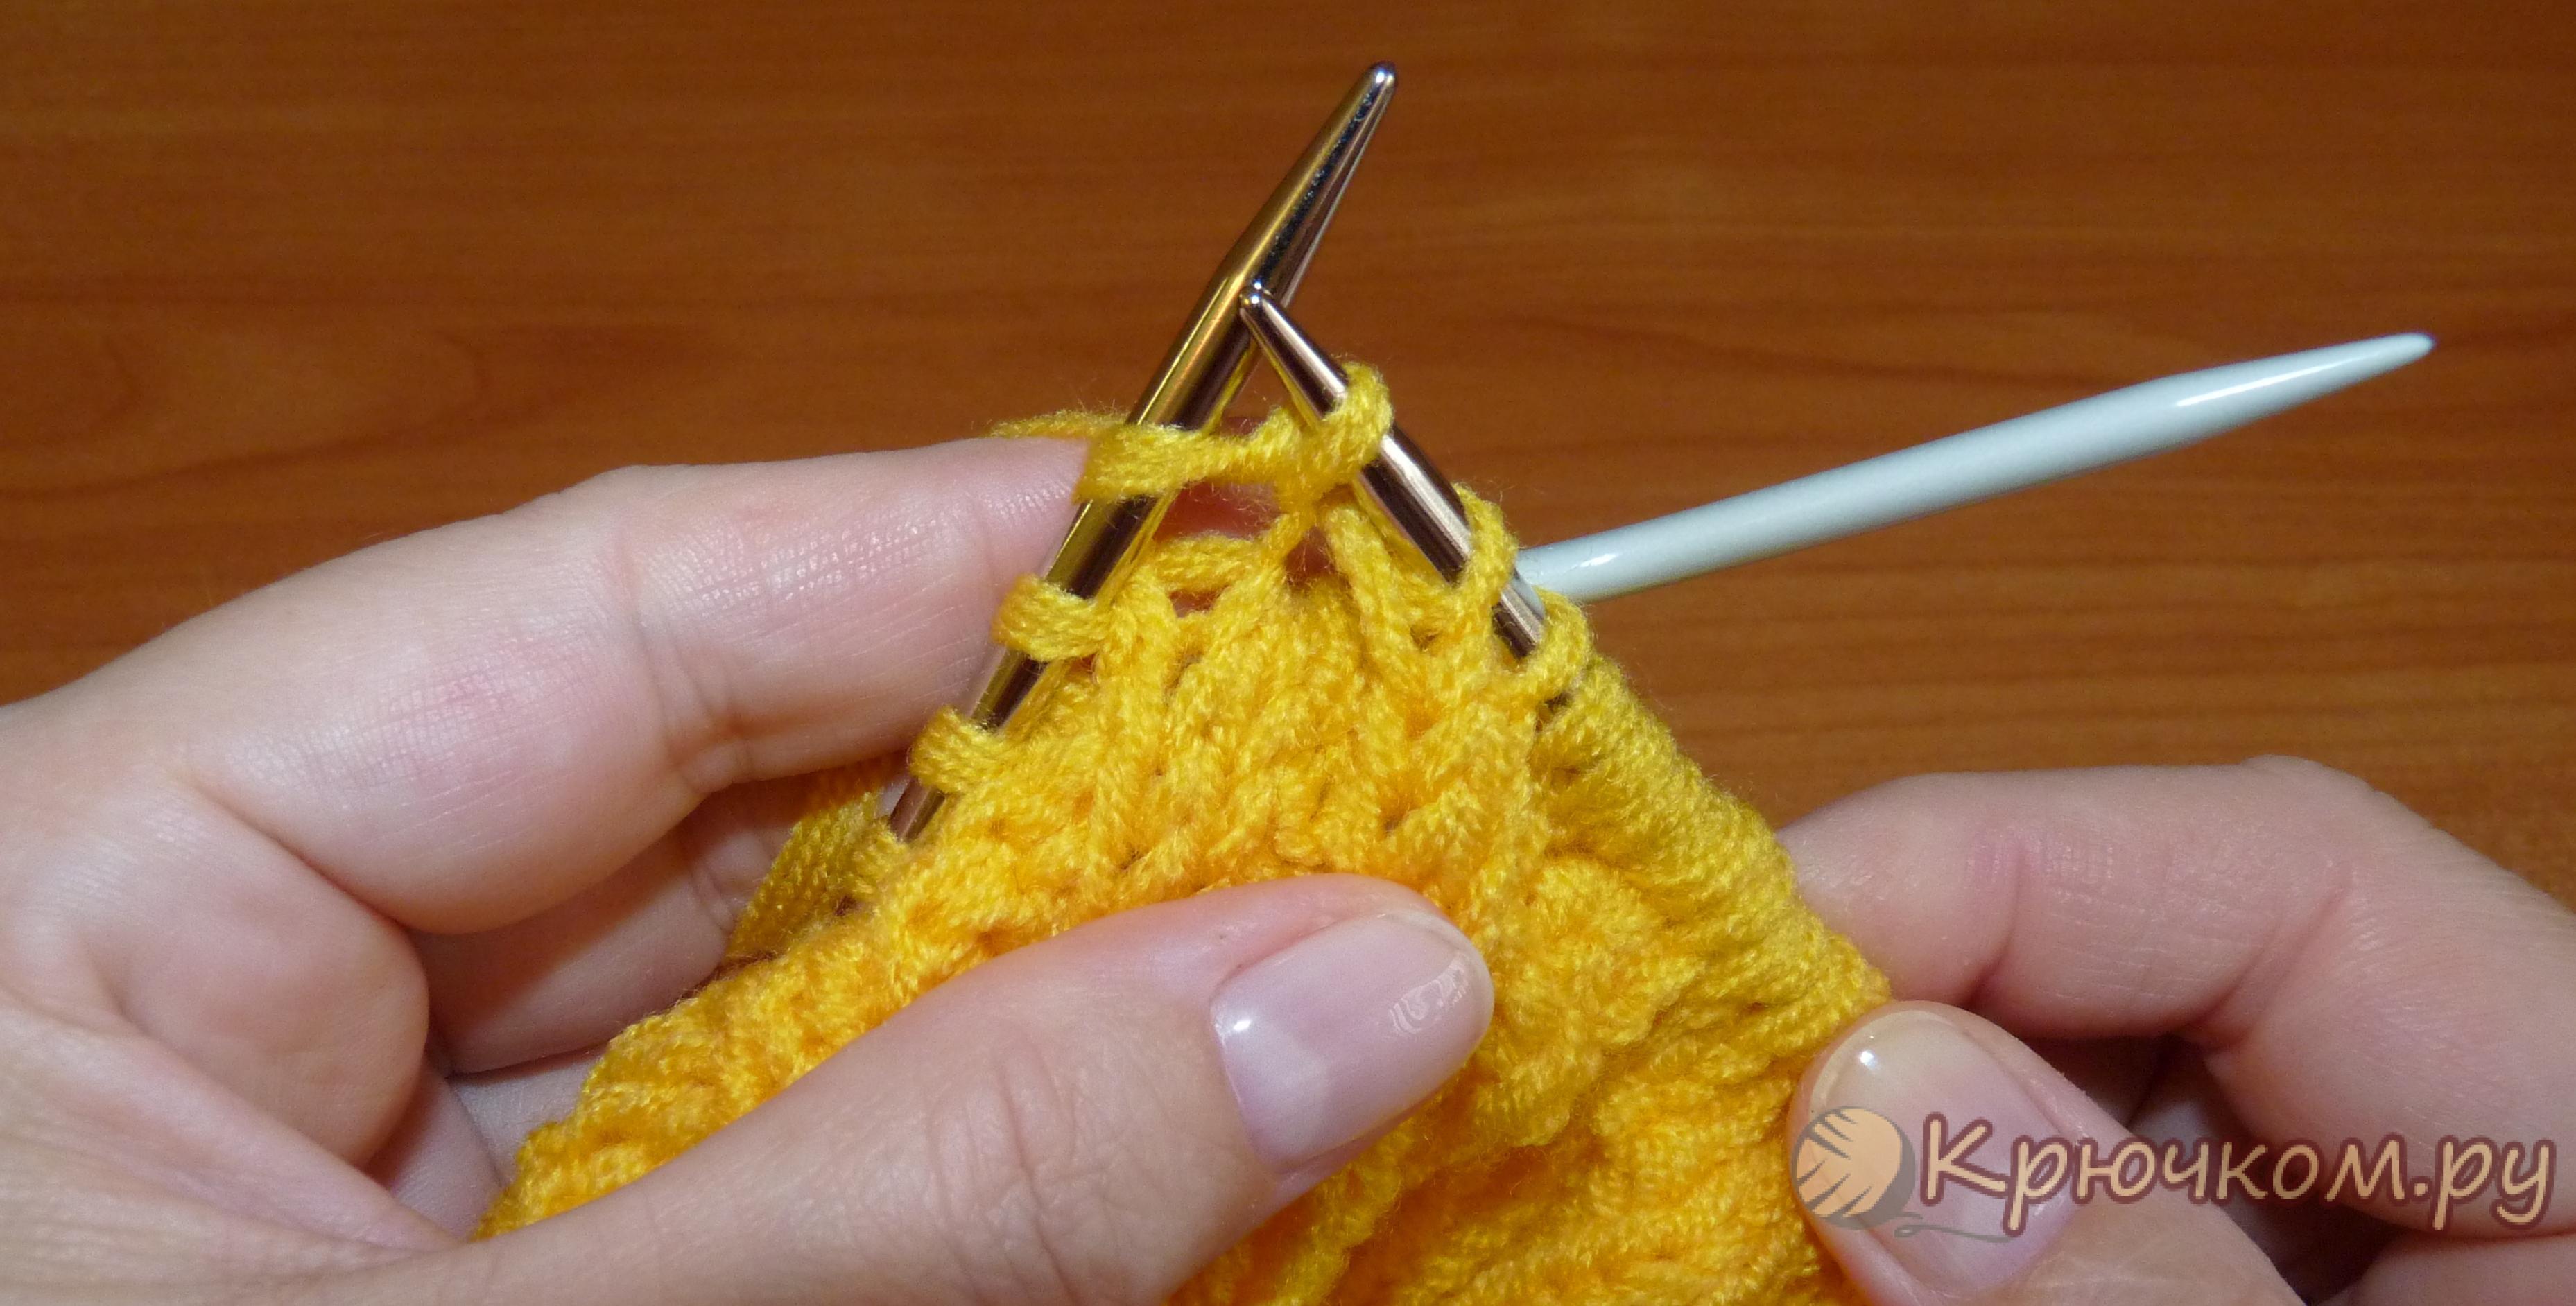 Вязание спицами резинка скрещенными петлями